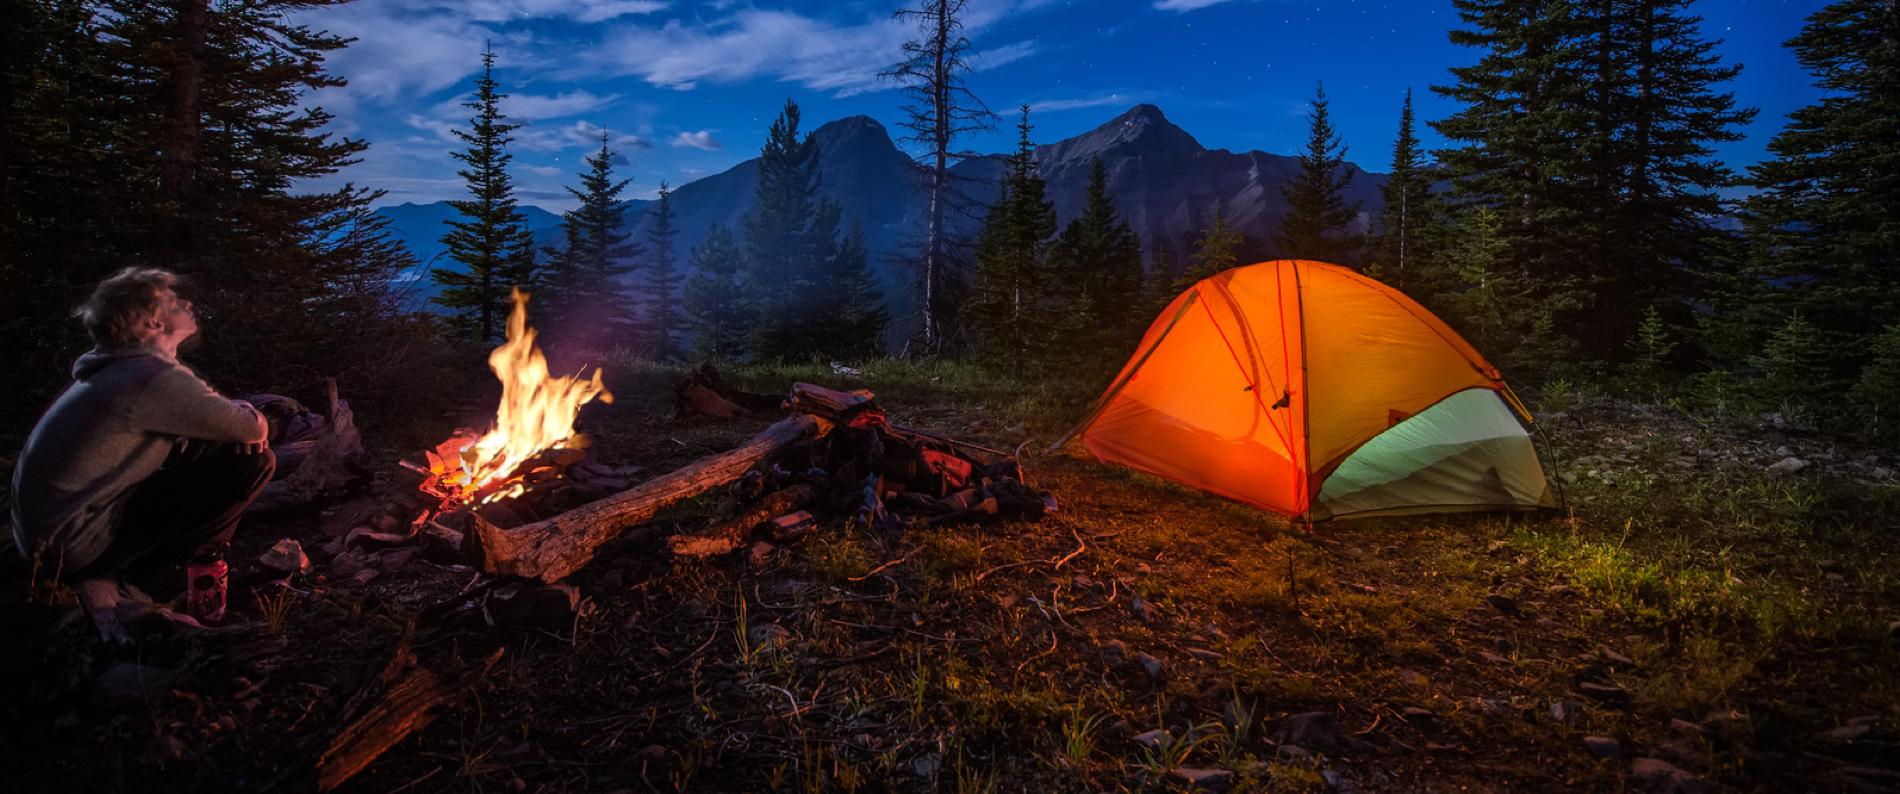 SOS Camping: ¿Qué debo llevarme?